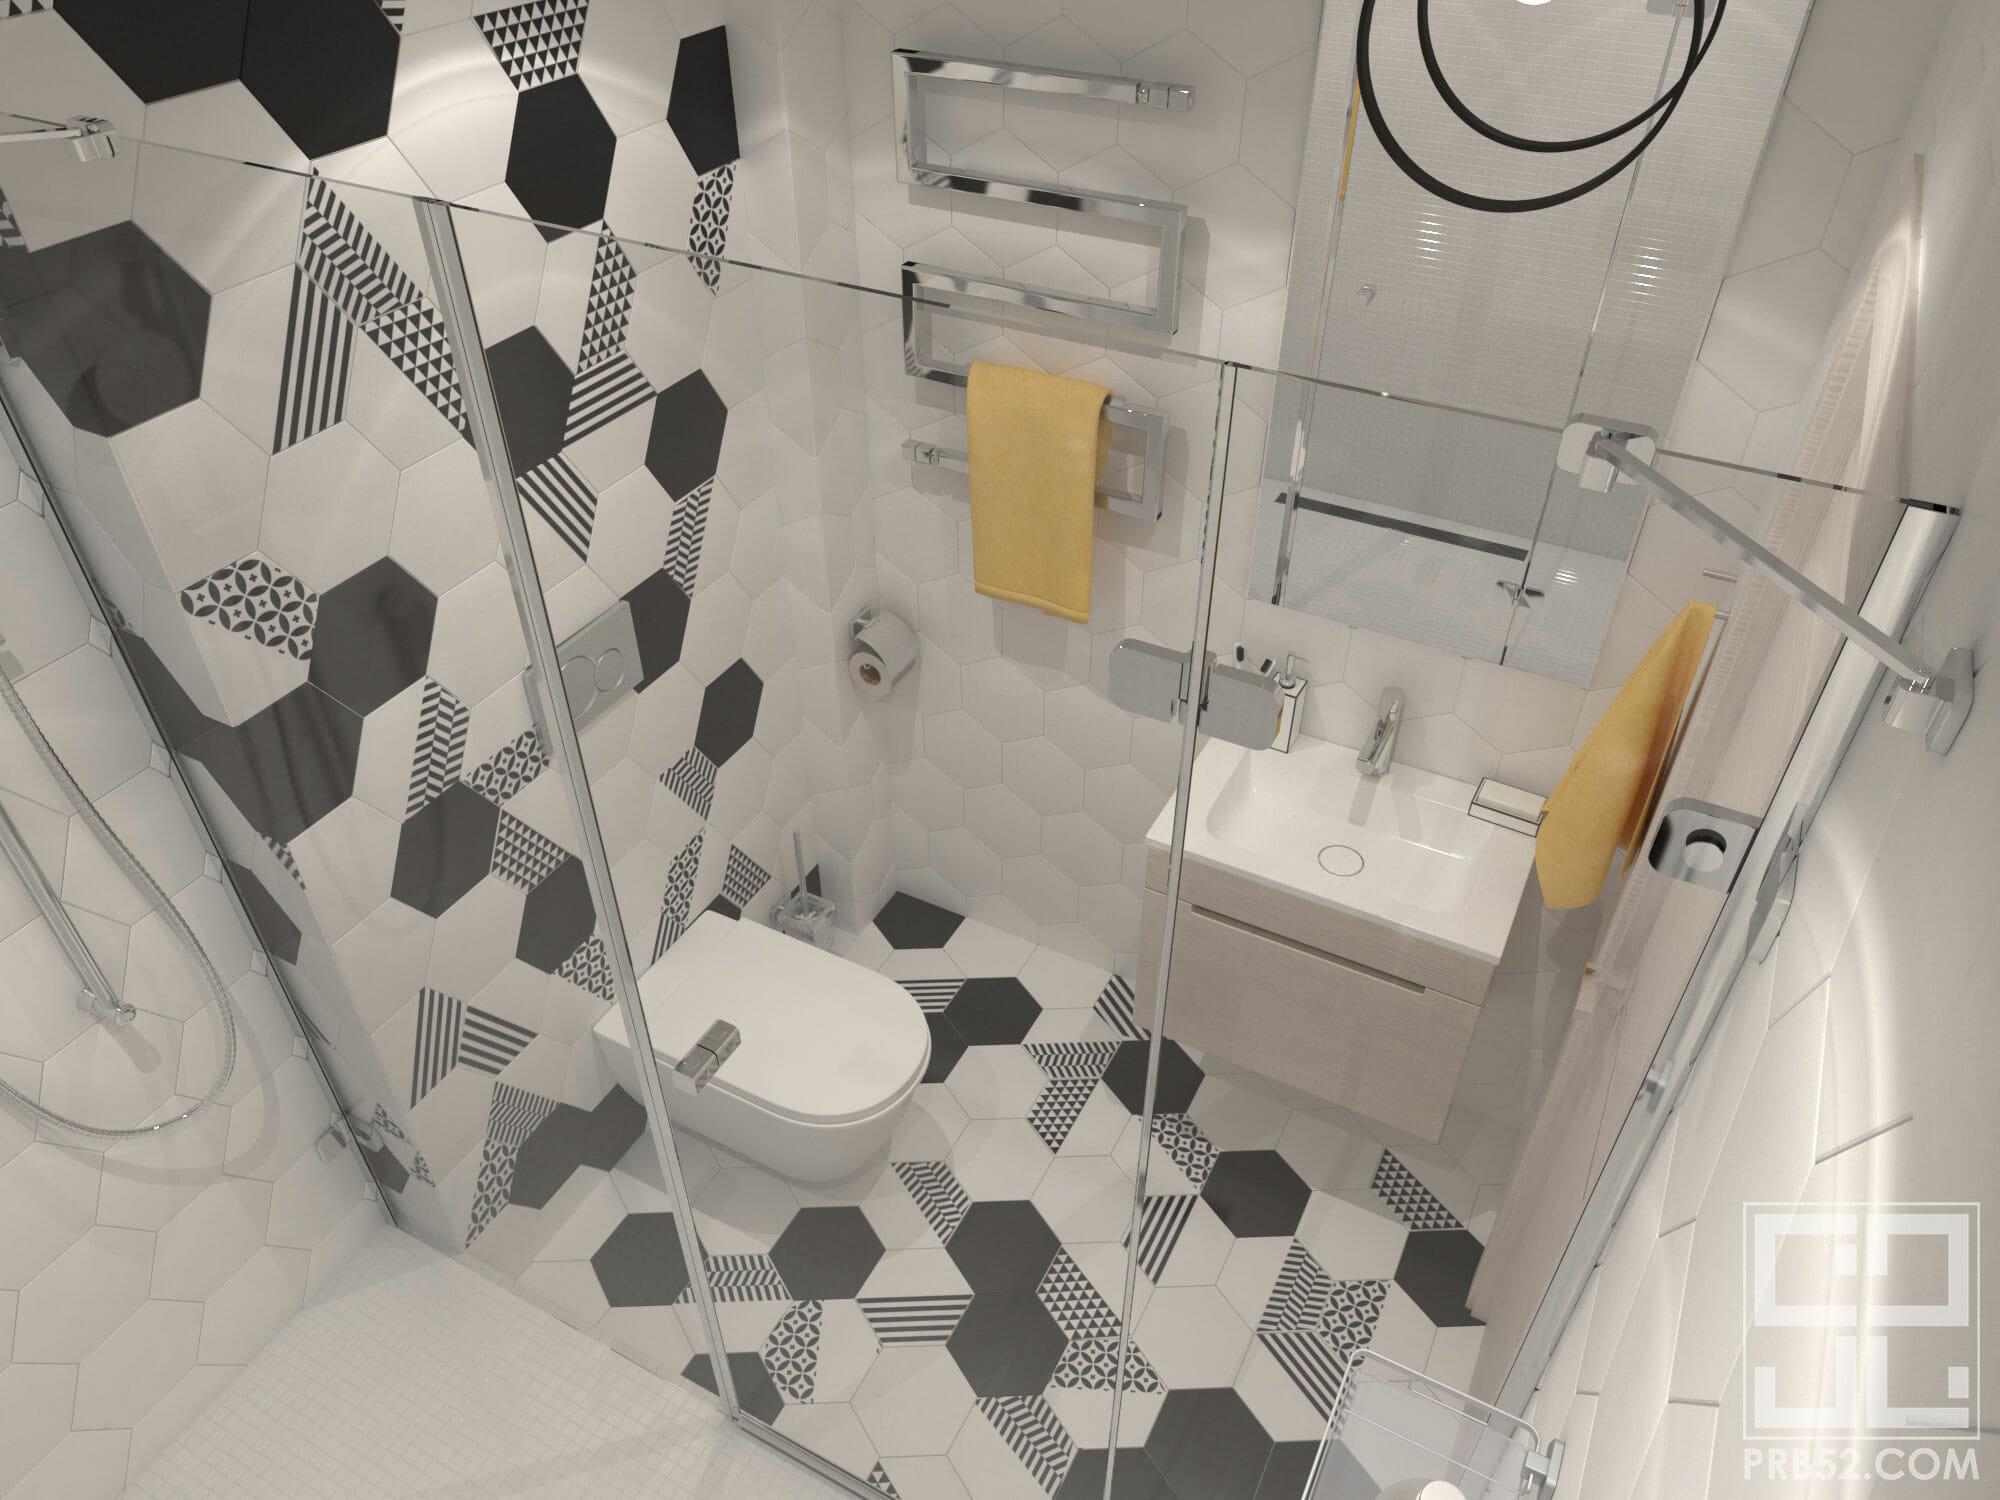 дизайн интерьера современной ванной комнаты с черно-белой плиткой